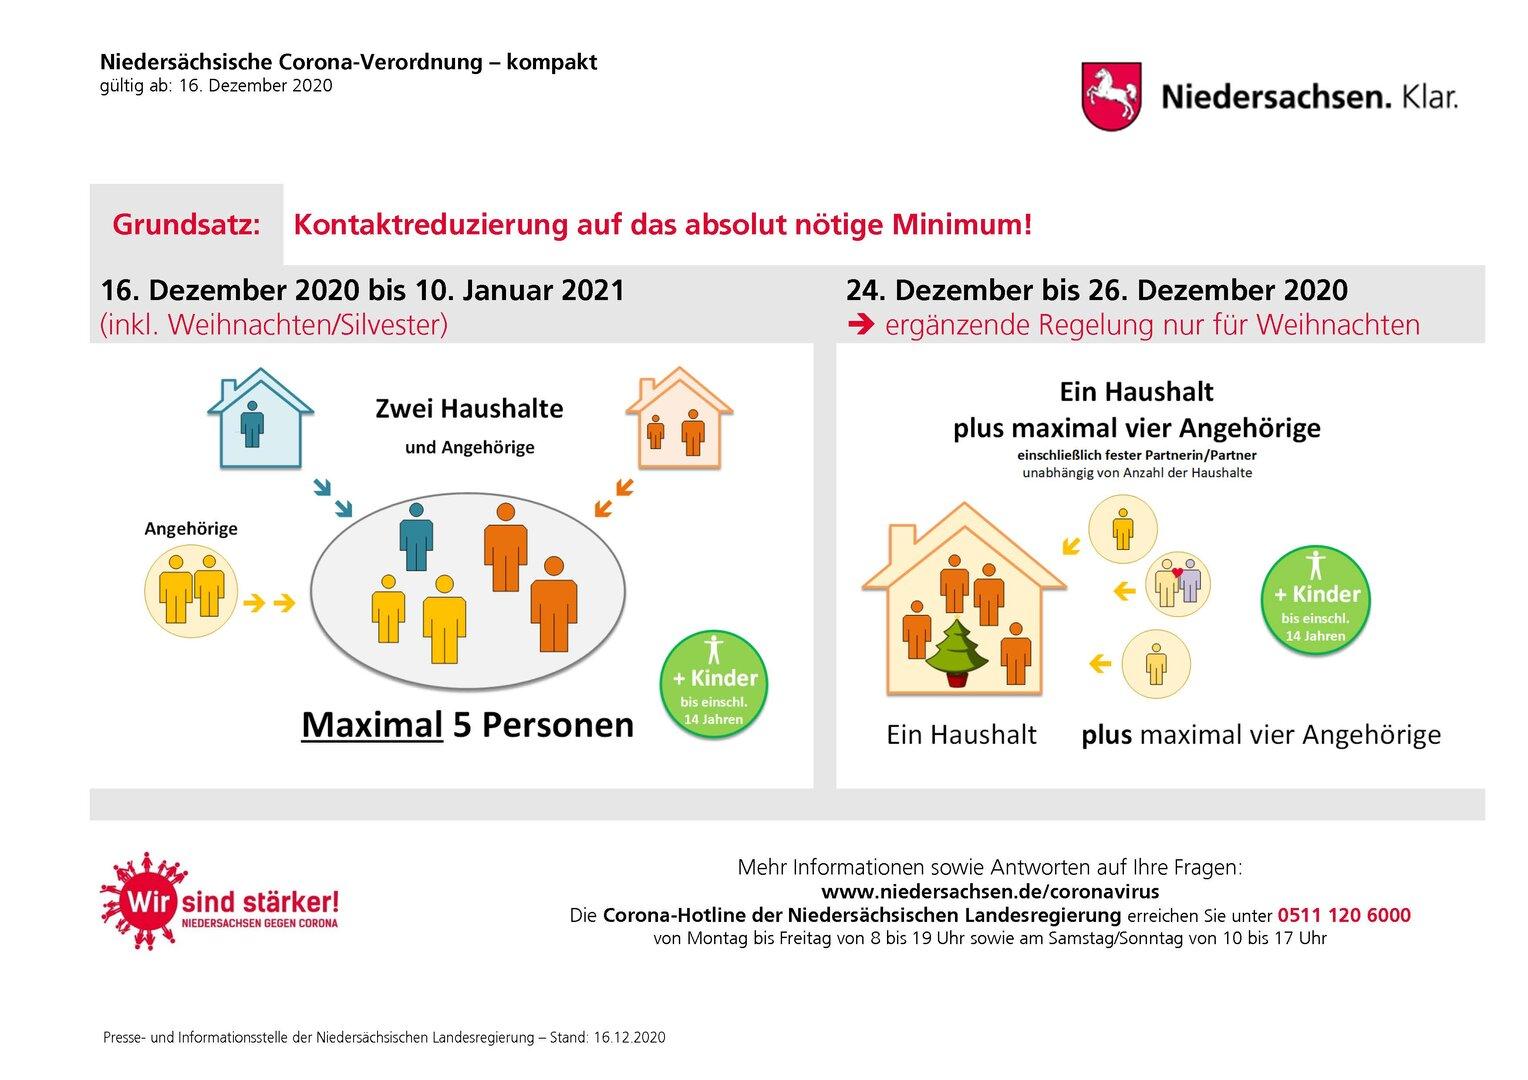 Kontaktbeschränkungen Niedersachsen